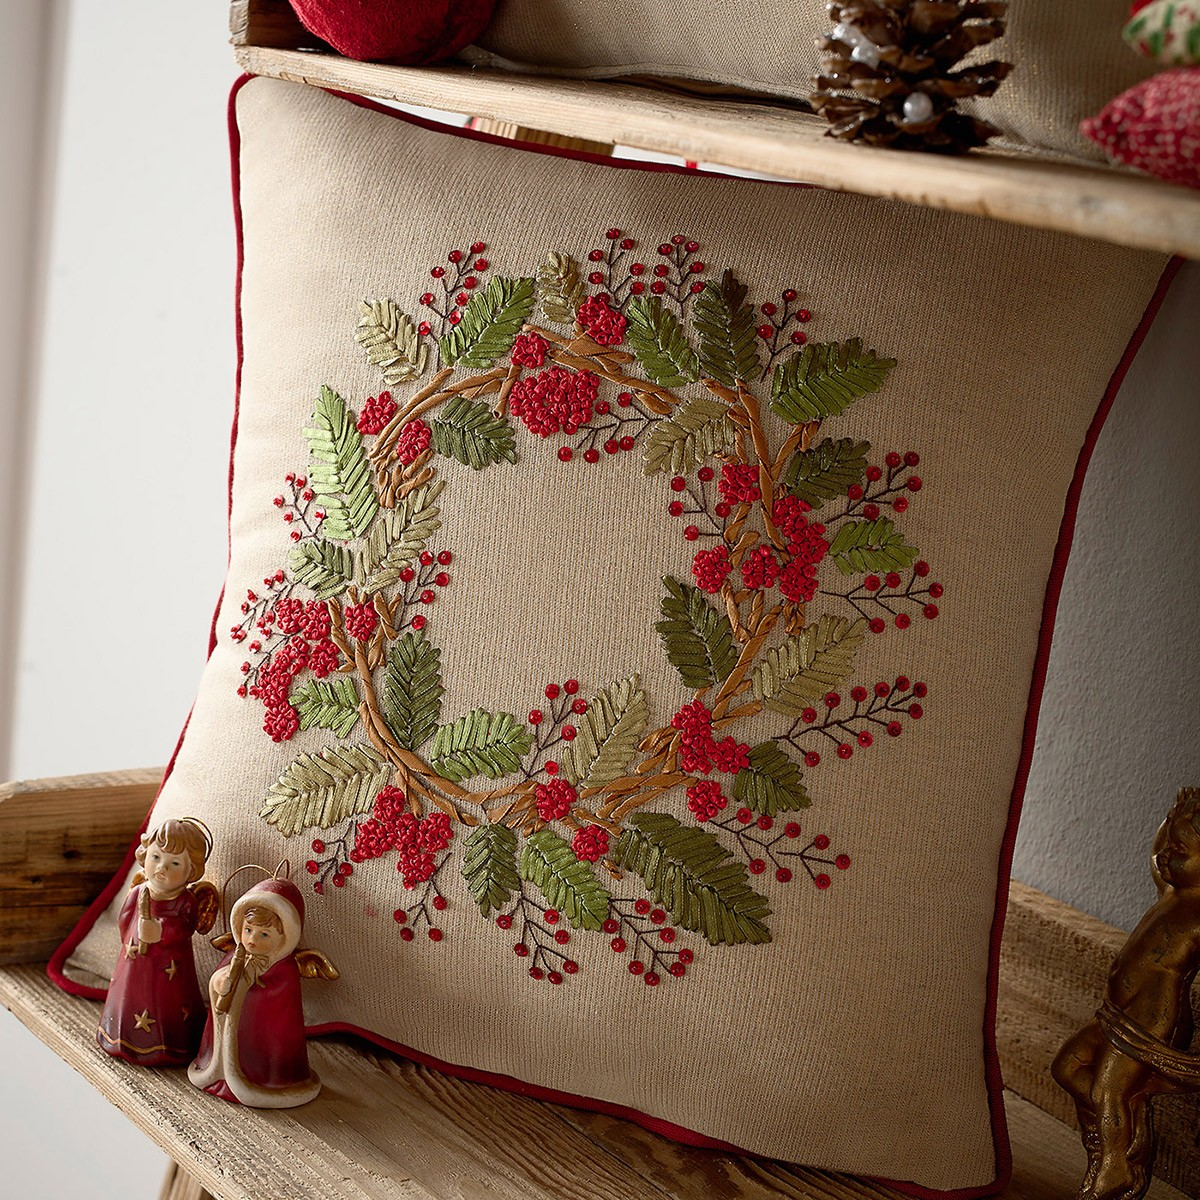 Χριστουγεννιάτικη Μαξιλαροθήκη Gofis Home 611 home   χριστουγεννιάτικα   χριστουγεννιάτικα μαξιλάρια